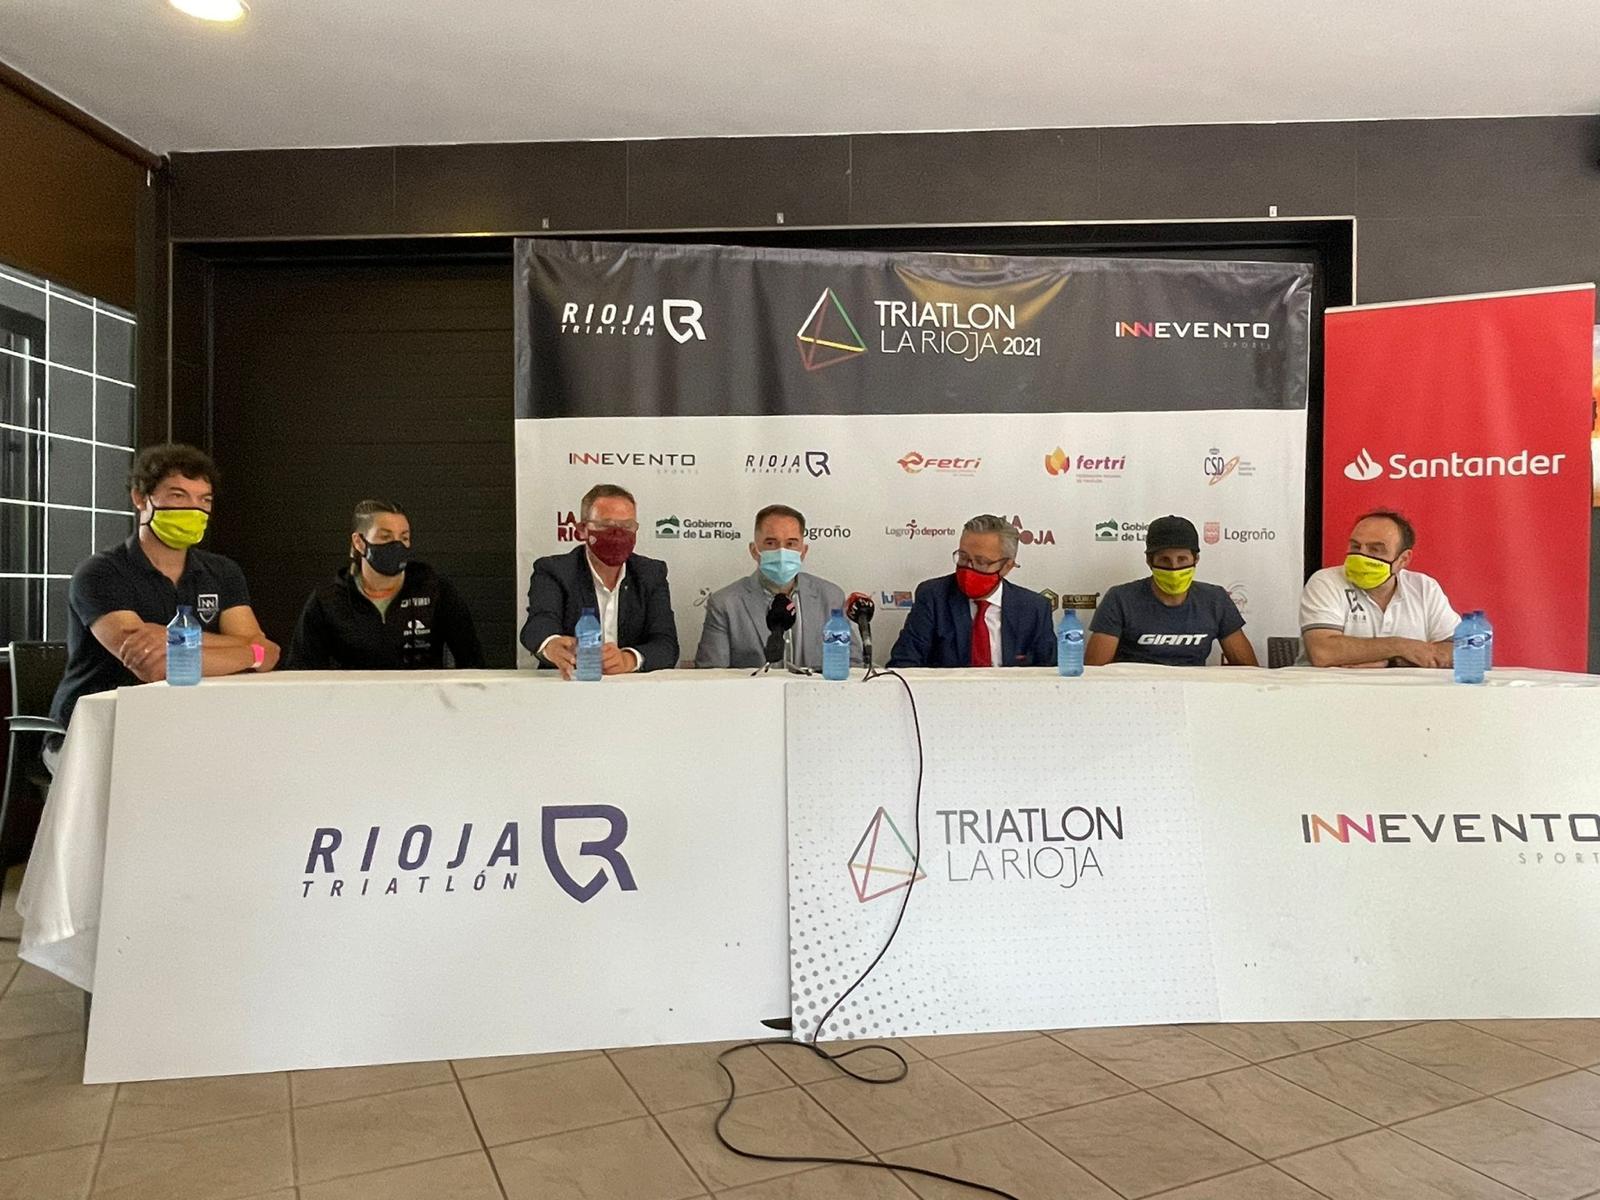 El Triatlón de La Rioja, tercera cita de la Copa de España de Triatlón MD y LD, será el primer gran evento de ciudad de Logroño